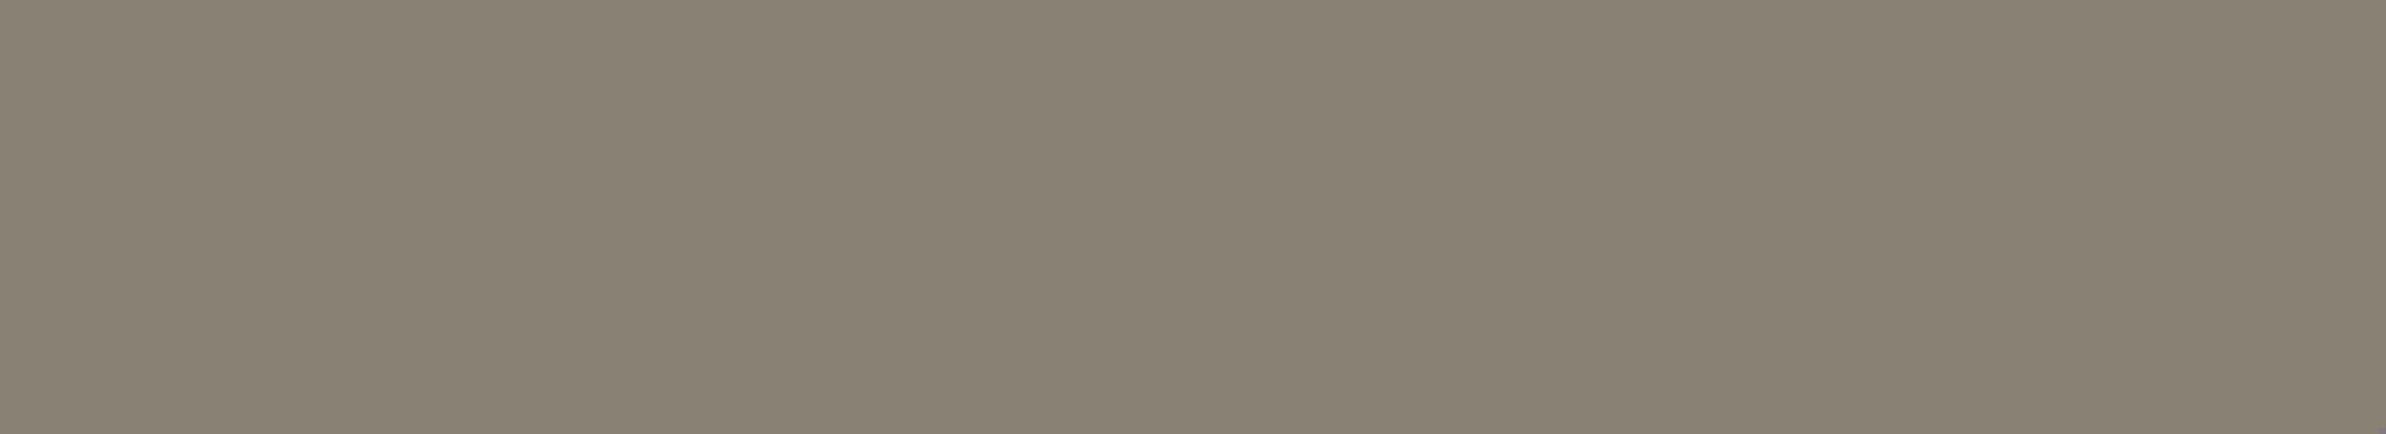 #2182 @ 1% - Grey